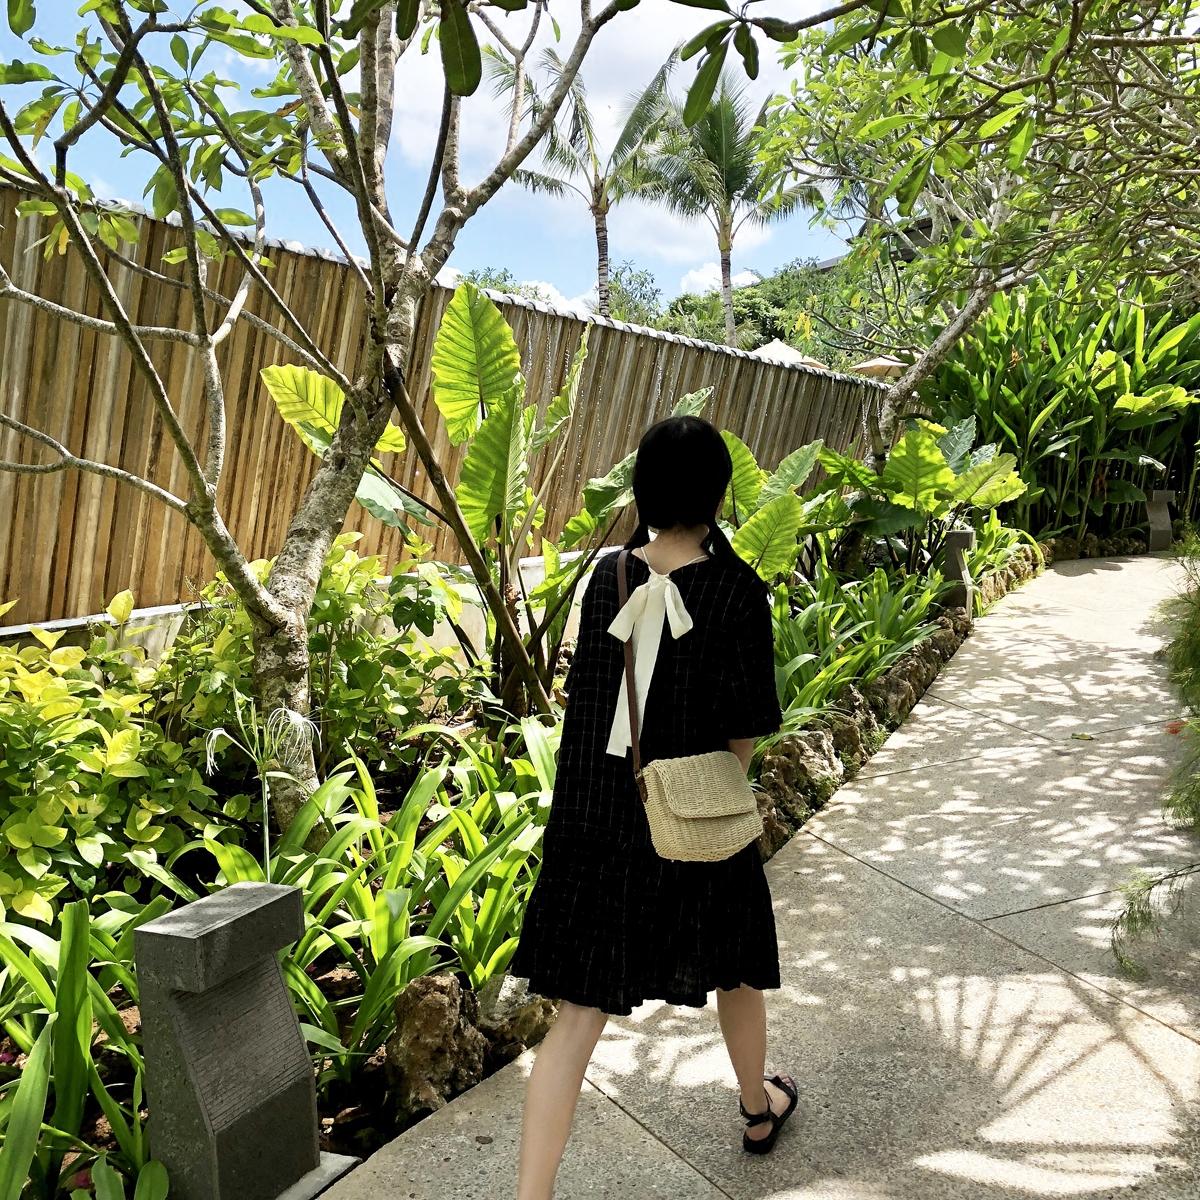 黑色连衣裙 YUKIXIAOSHU ins风格小格子褶皱面料背后系带少女连衣裙新款q0443_推荐淘宝好看的黑色连衣裙